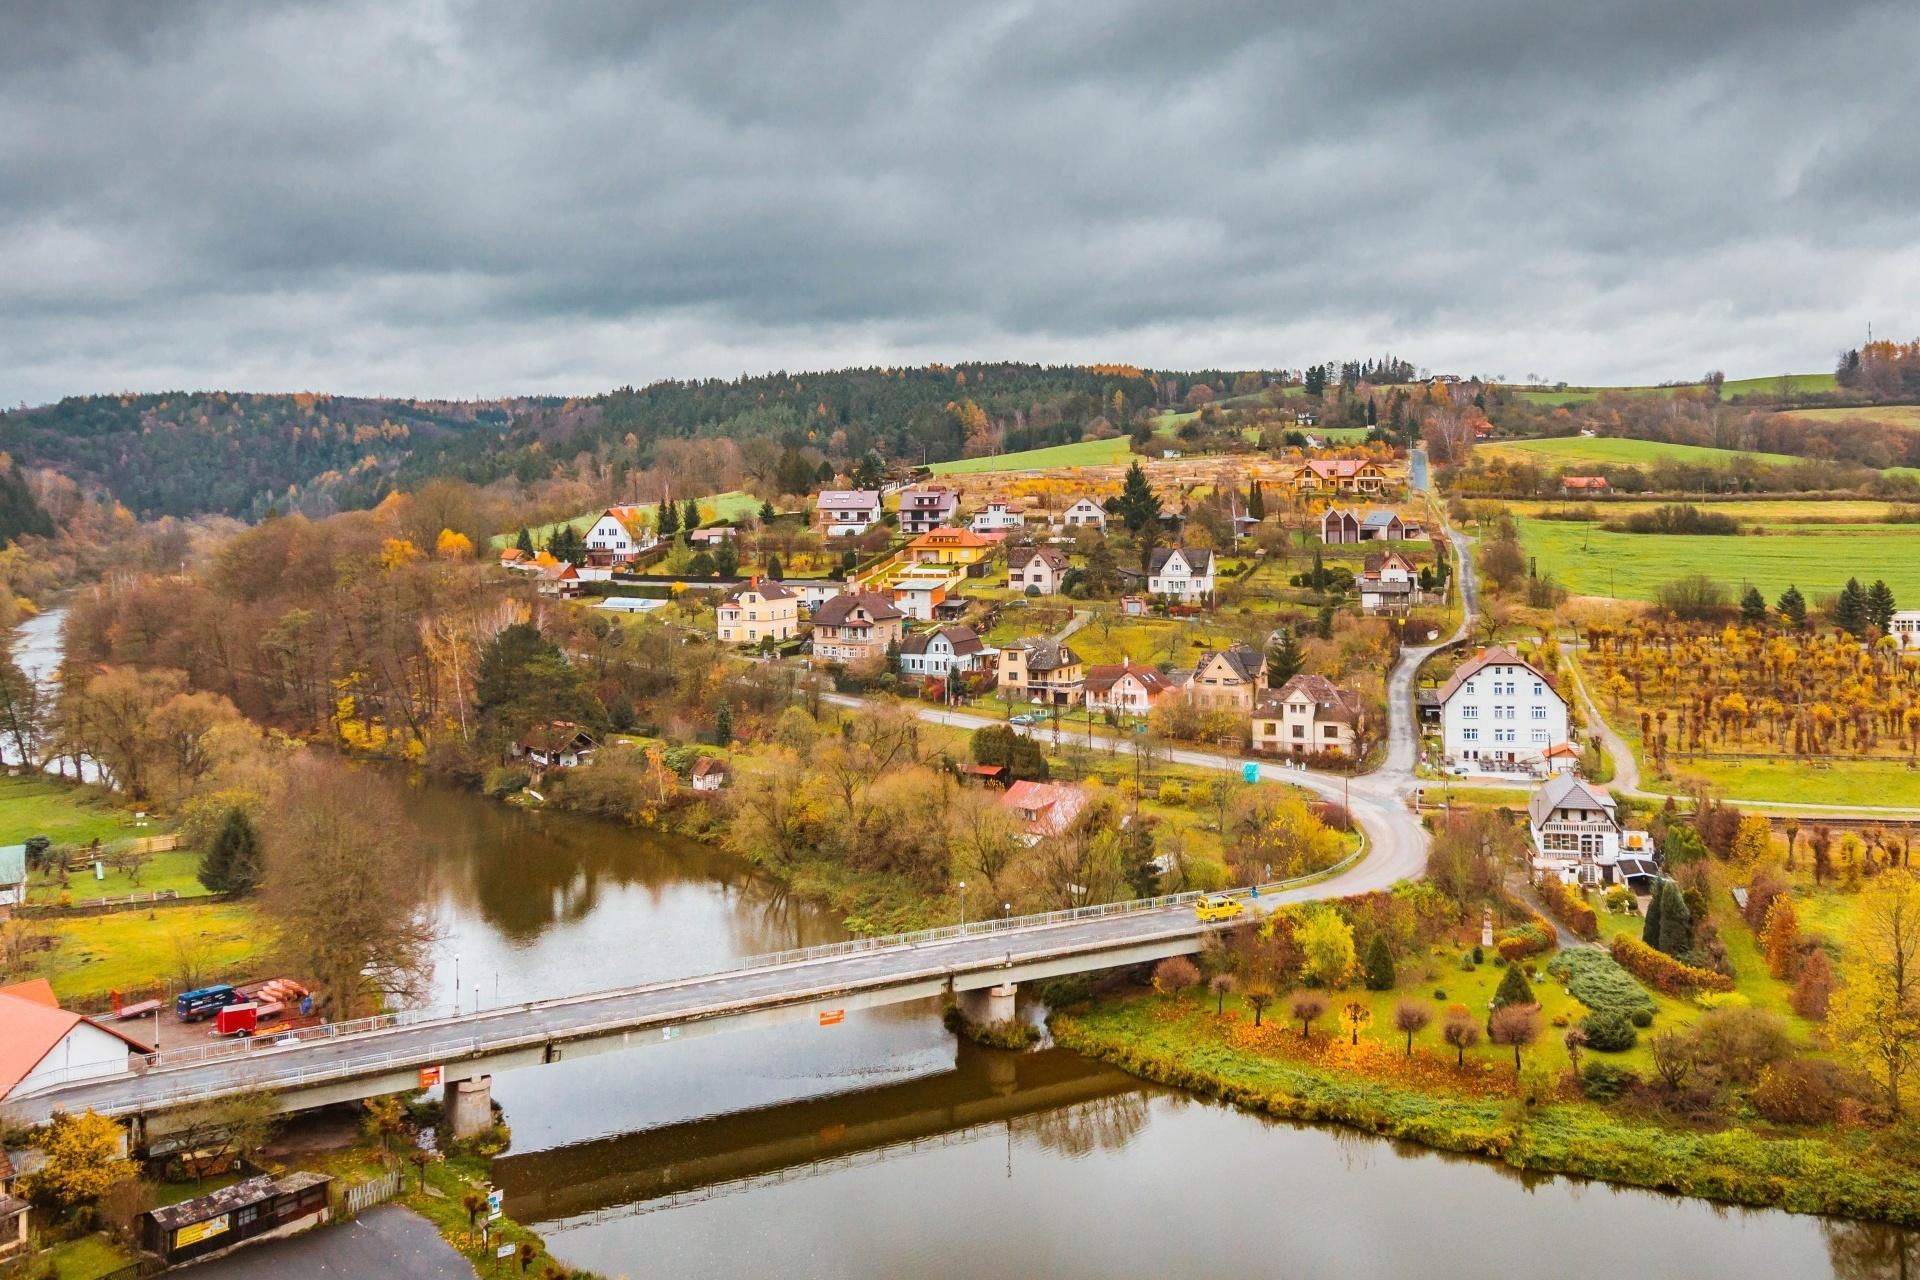 チェスキー シュテルンベルク城からの眺め 秋の風景 チェコの風景